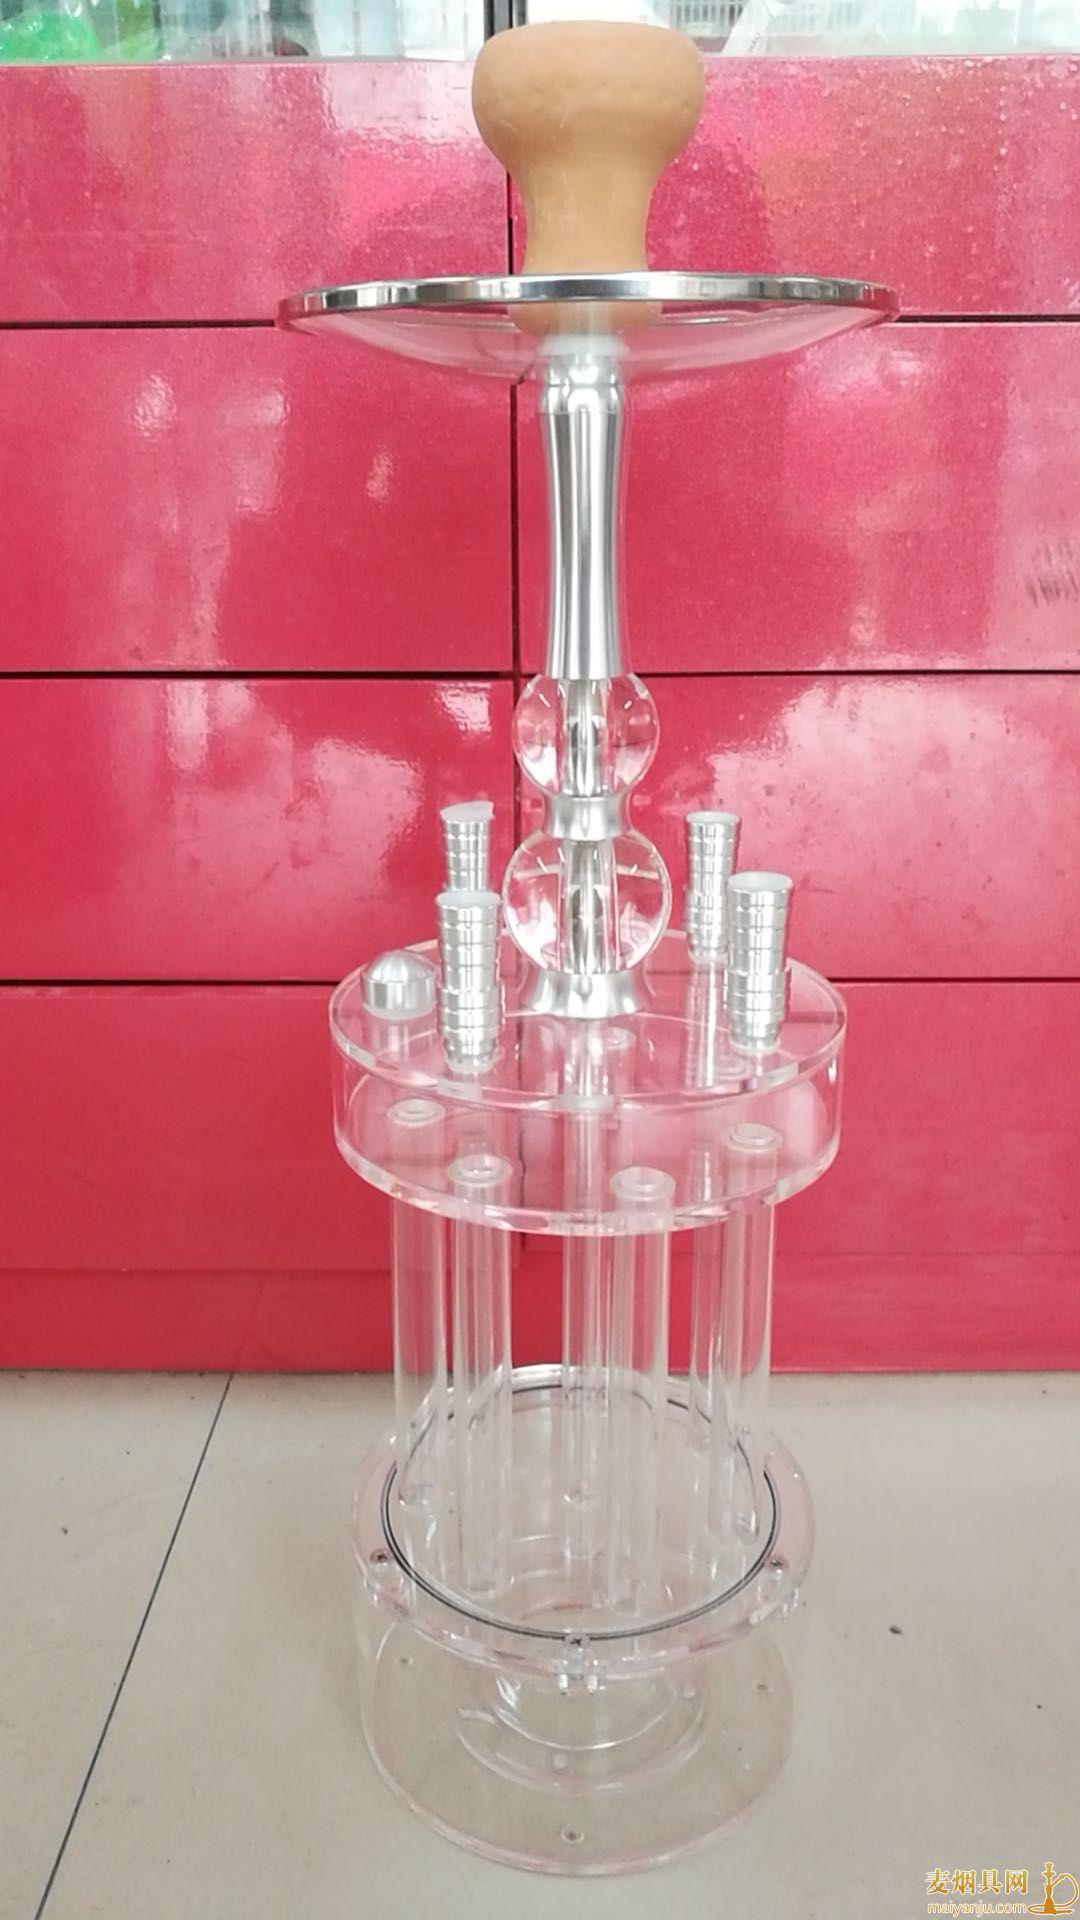 新款加特林酒吧带灯四嘴阿拉伯水烟壶实拍图